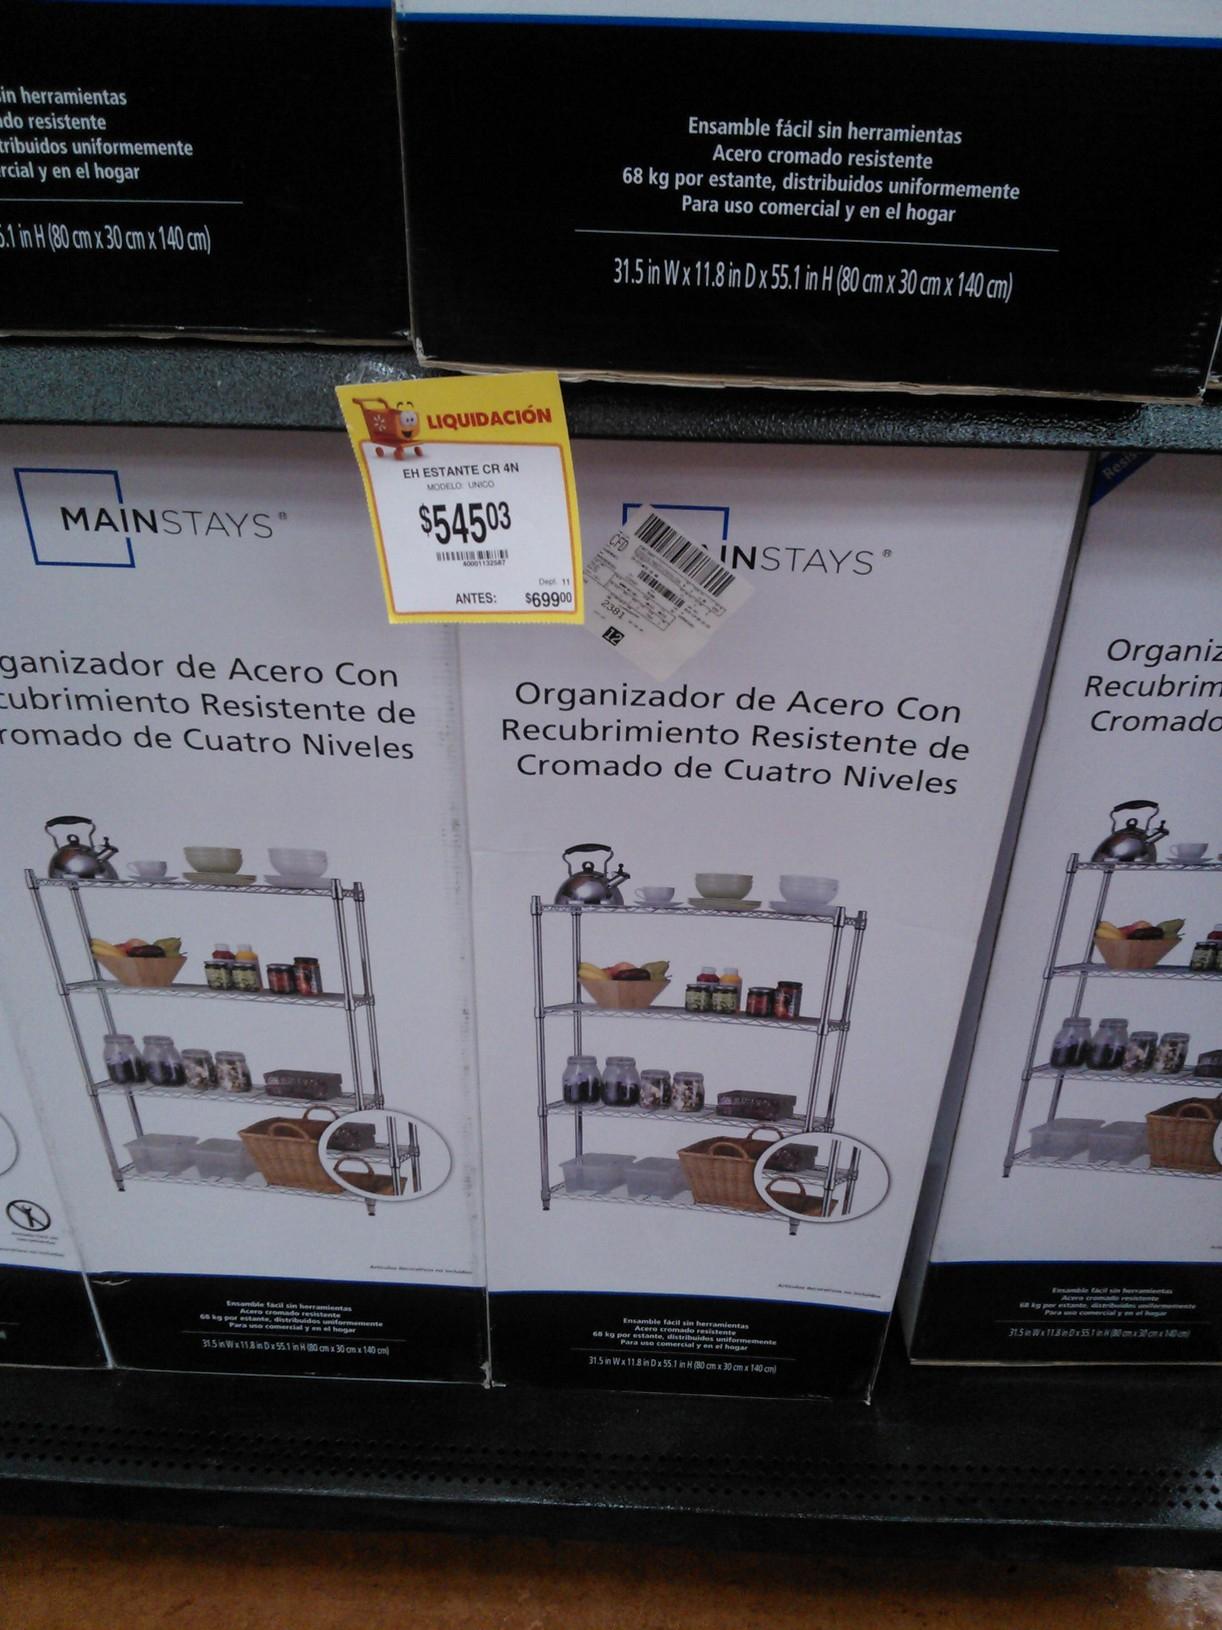 Walmart: primera liquidación de estantes cromados a $545.03